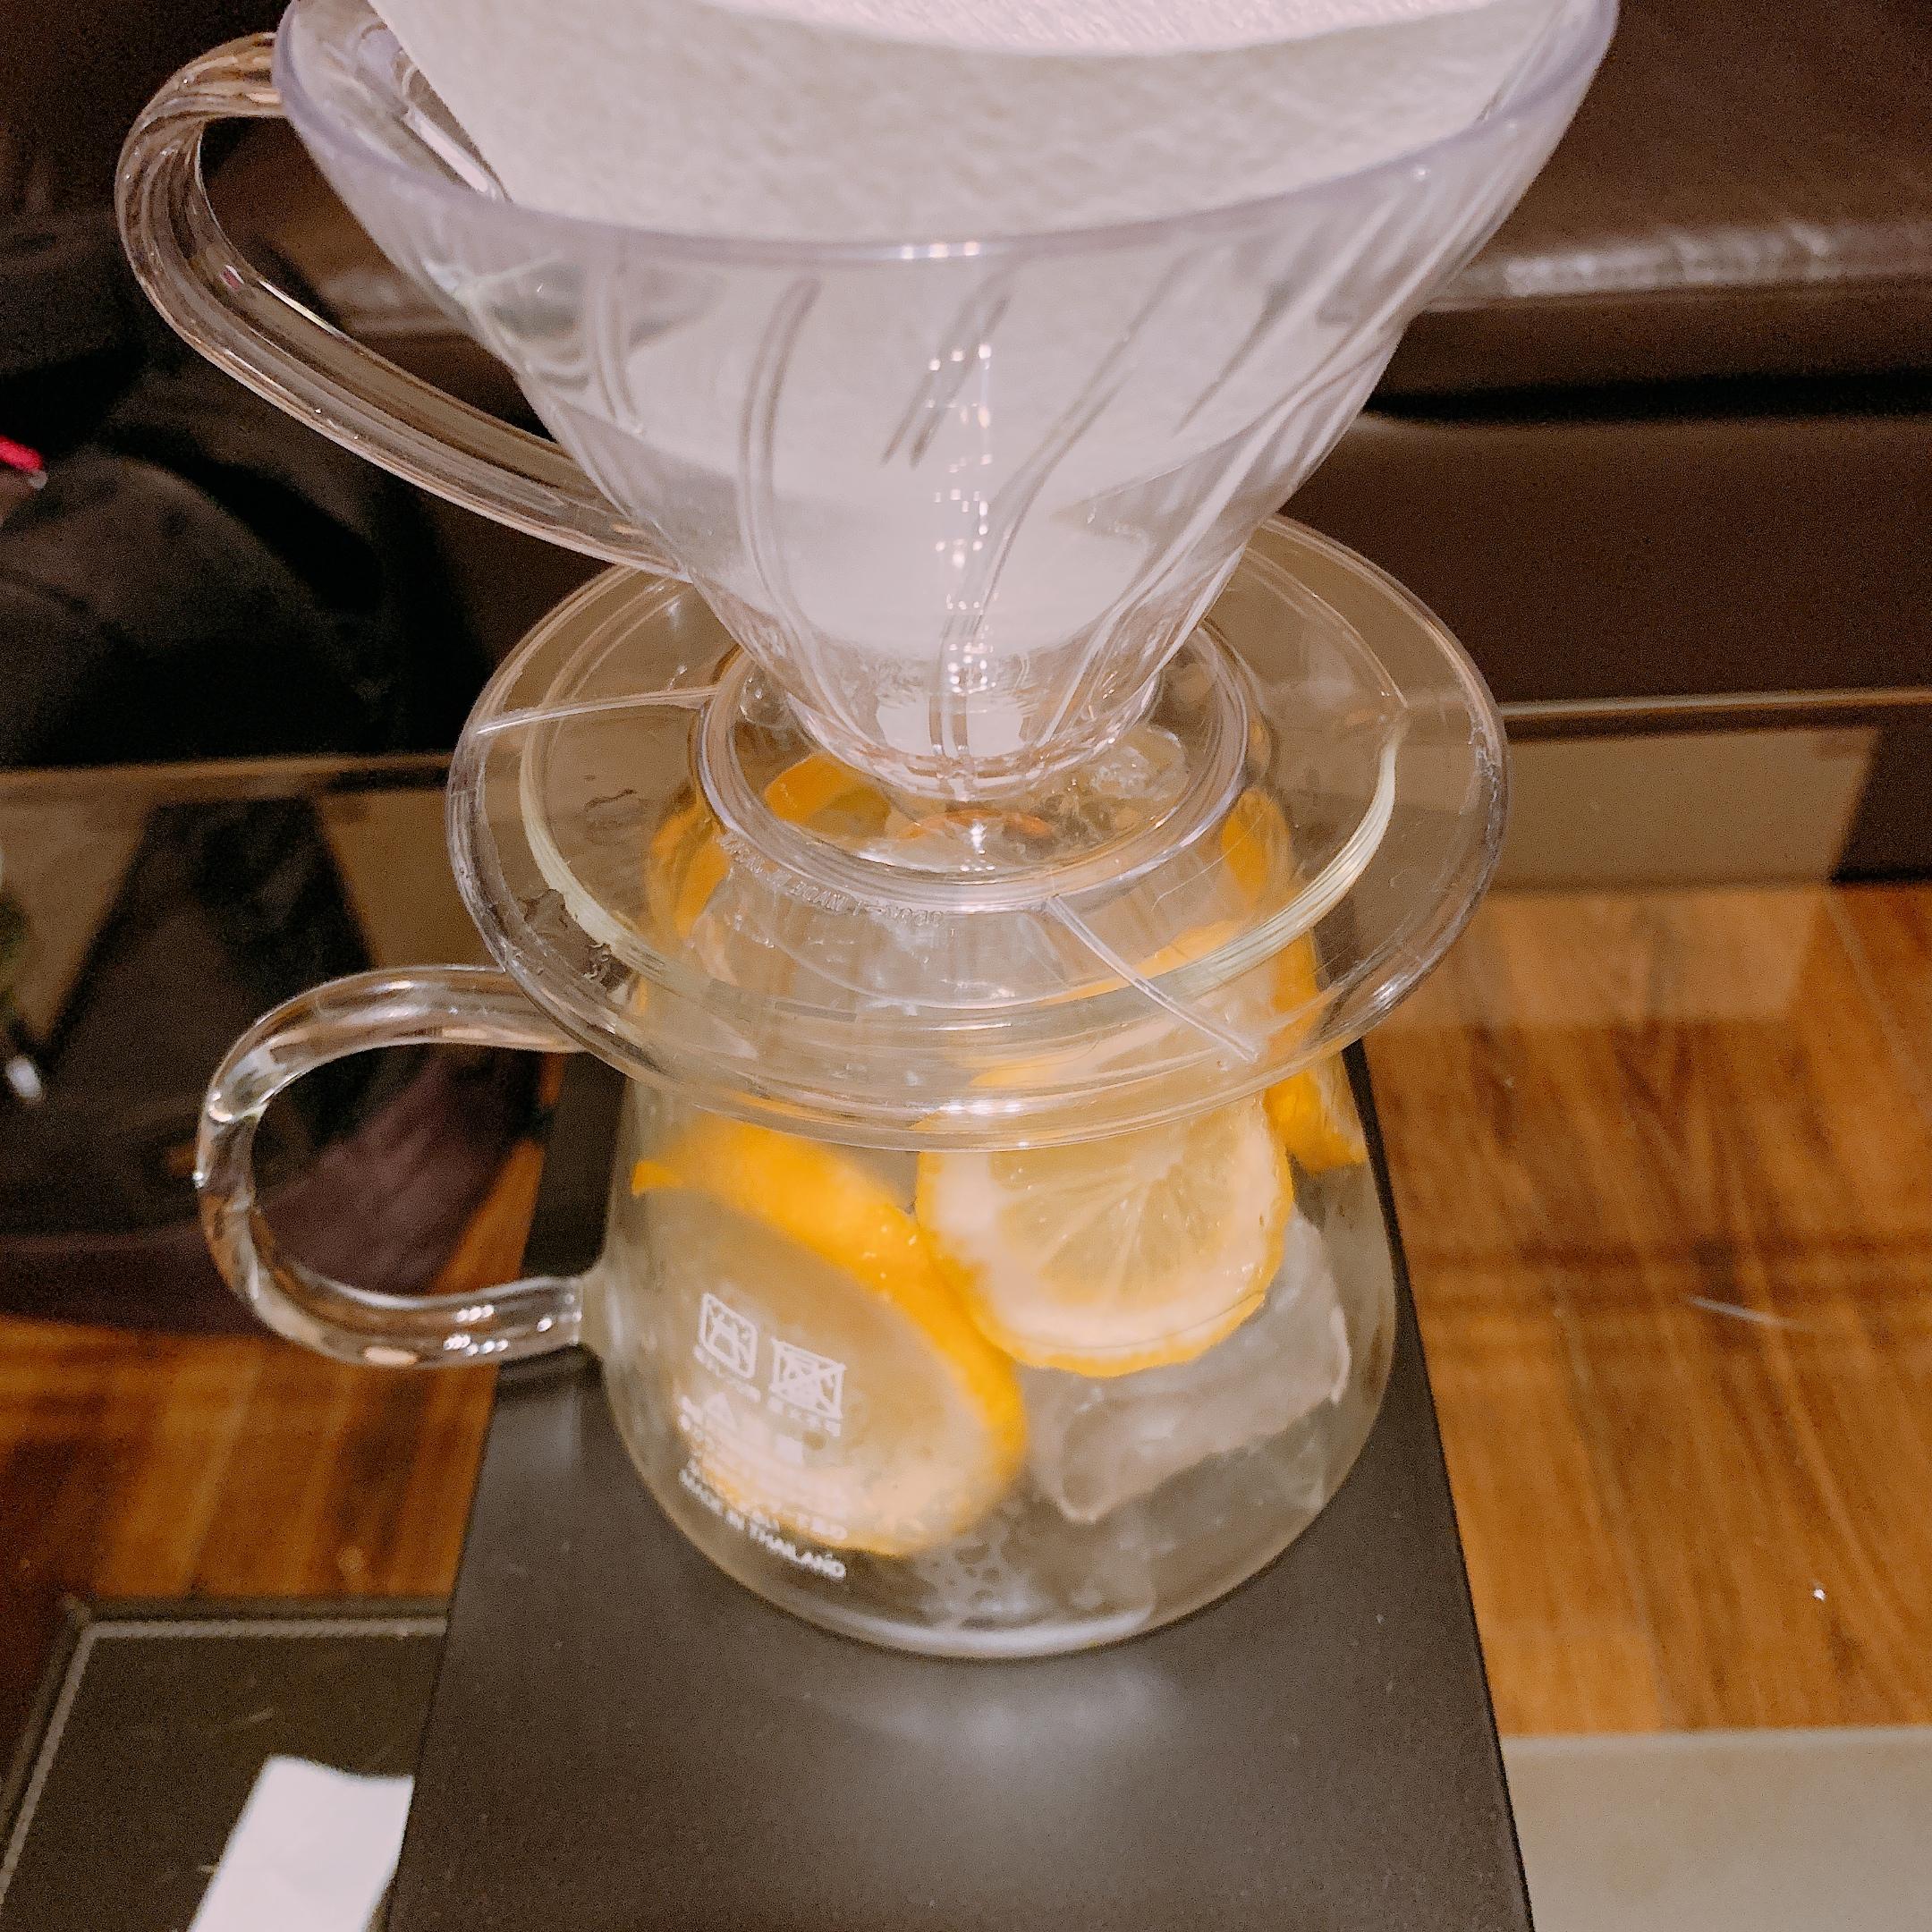 スタバ カティカティブランド アイスレモンコーヒー